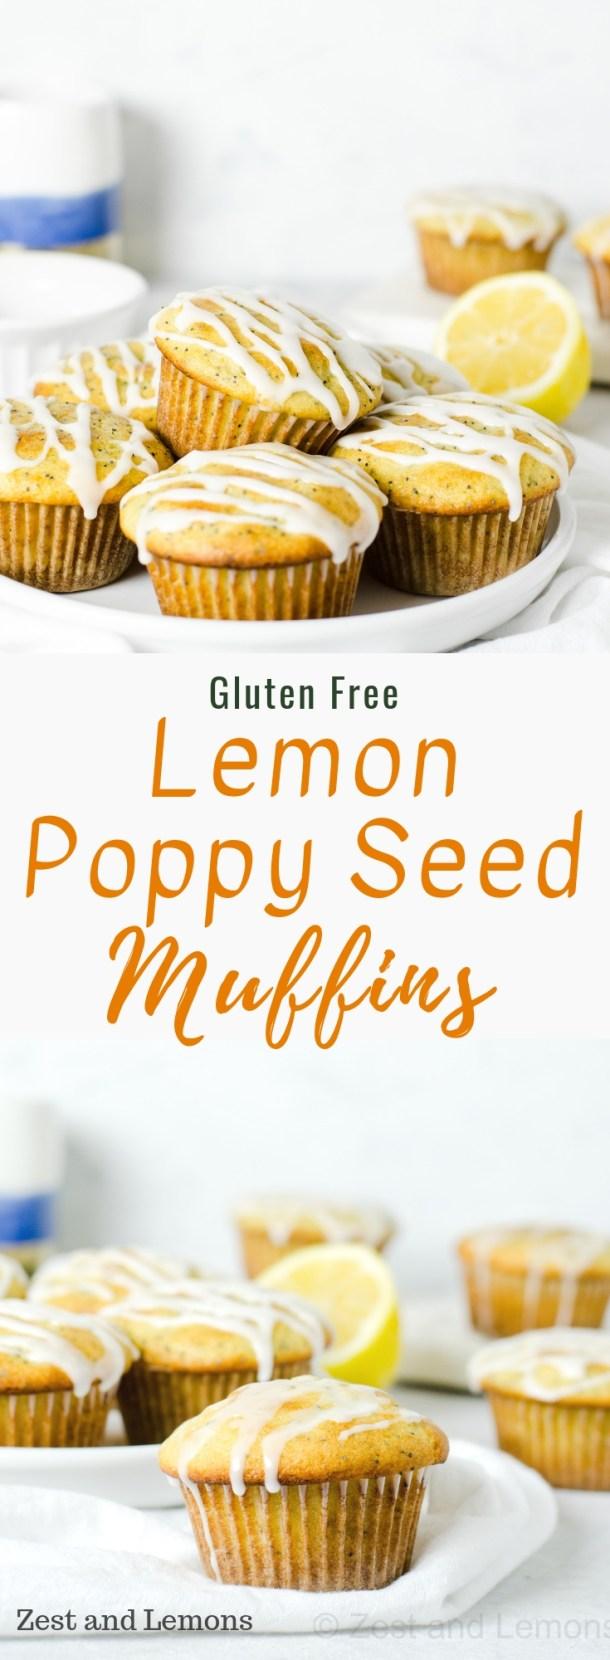 Gluten free lemon poppy seed muffins. Tender and moist lemon poppy seed muffins topped with a tart lemon glaze - Zest and Lemons #glutenfree #lemonpoppyseed